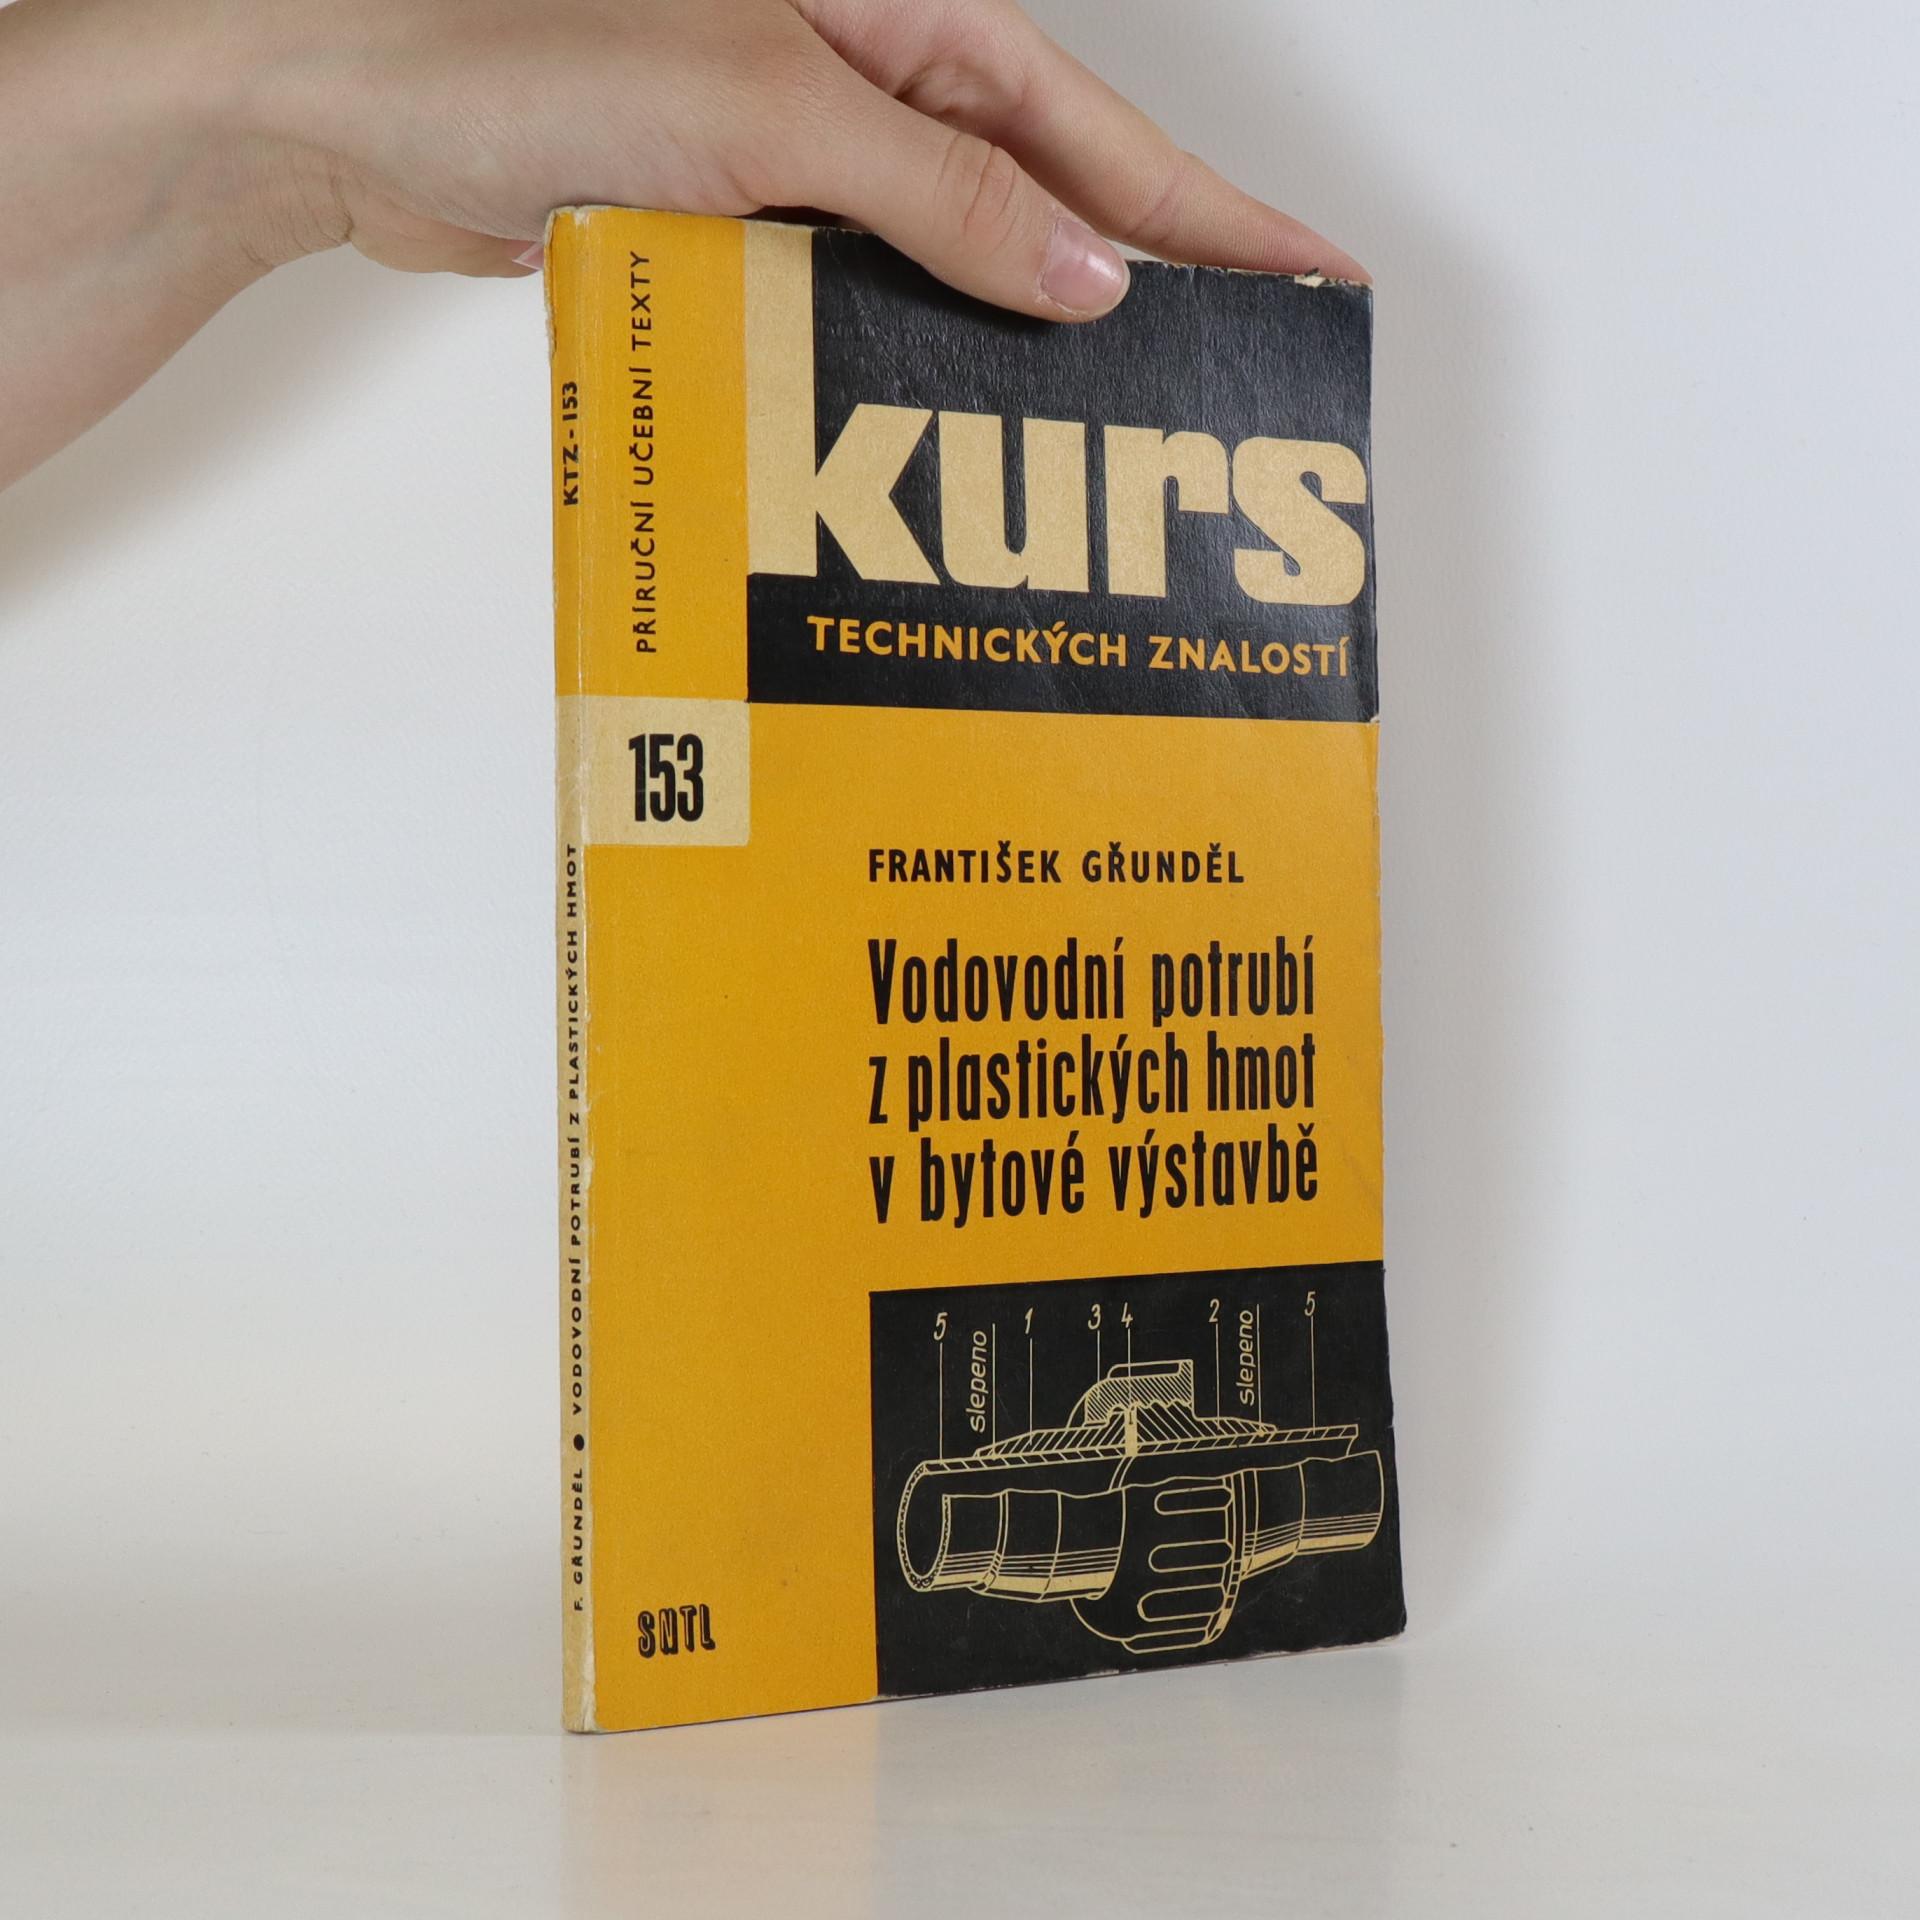 antikvární kniha Vodovodní potrubí z plastických hmot v bytové výstavbě, 1972